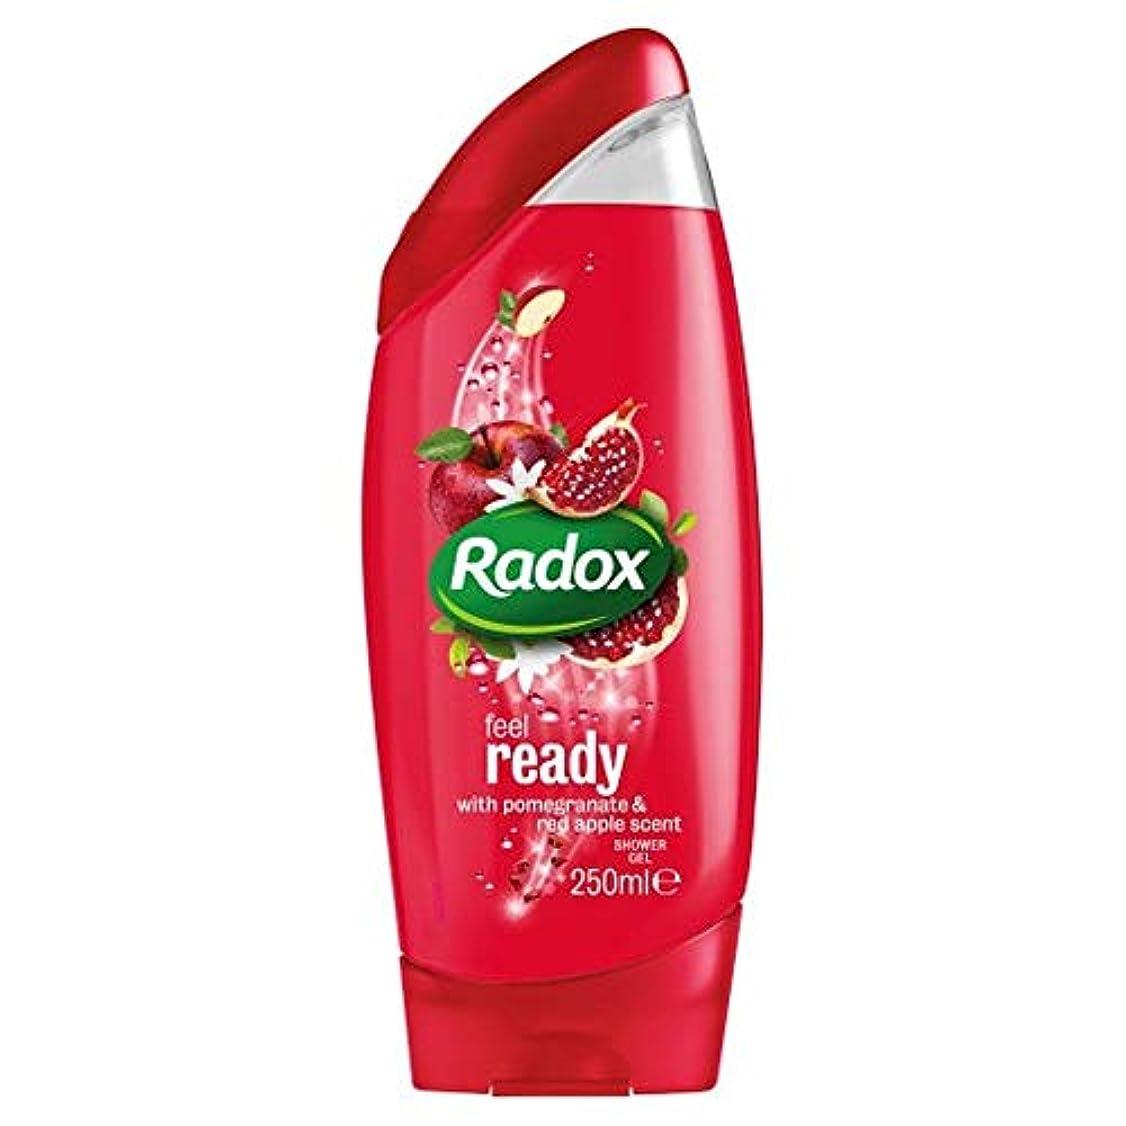 粗い練習した誕生[Radox] Radoxは準備ができてシャワージェル250ミリリットルを感じます - Radox Feel Ready Shower Gel 250Ml [並行輸入品]